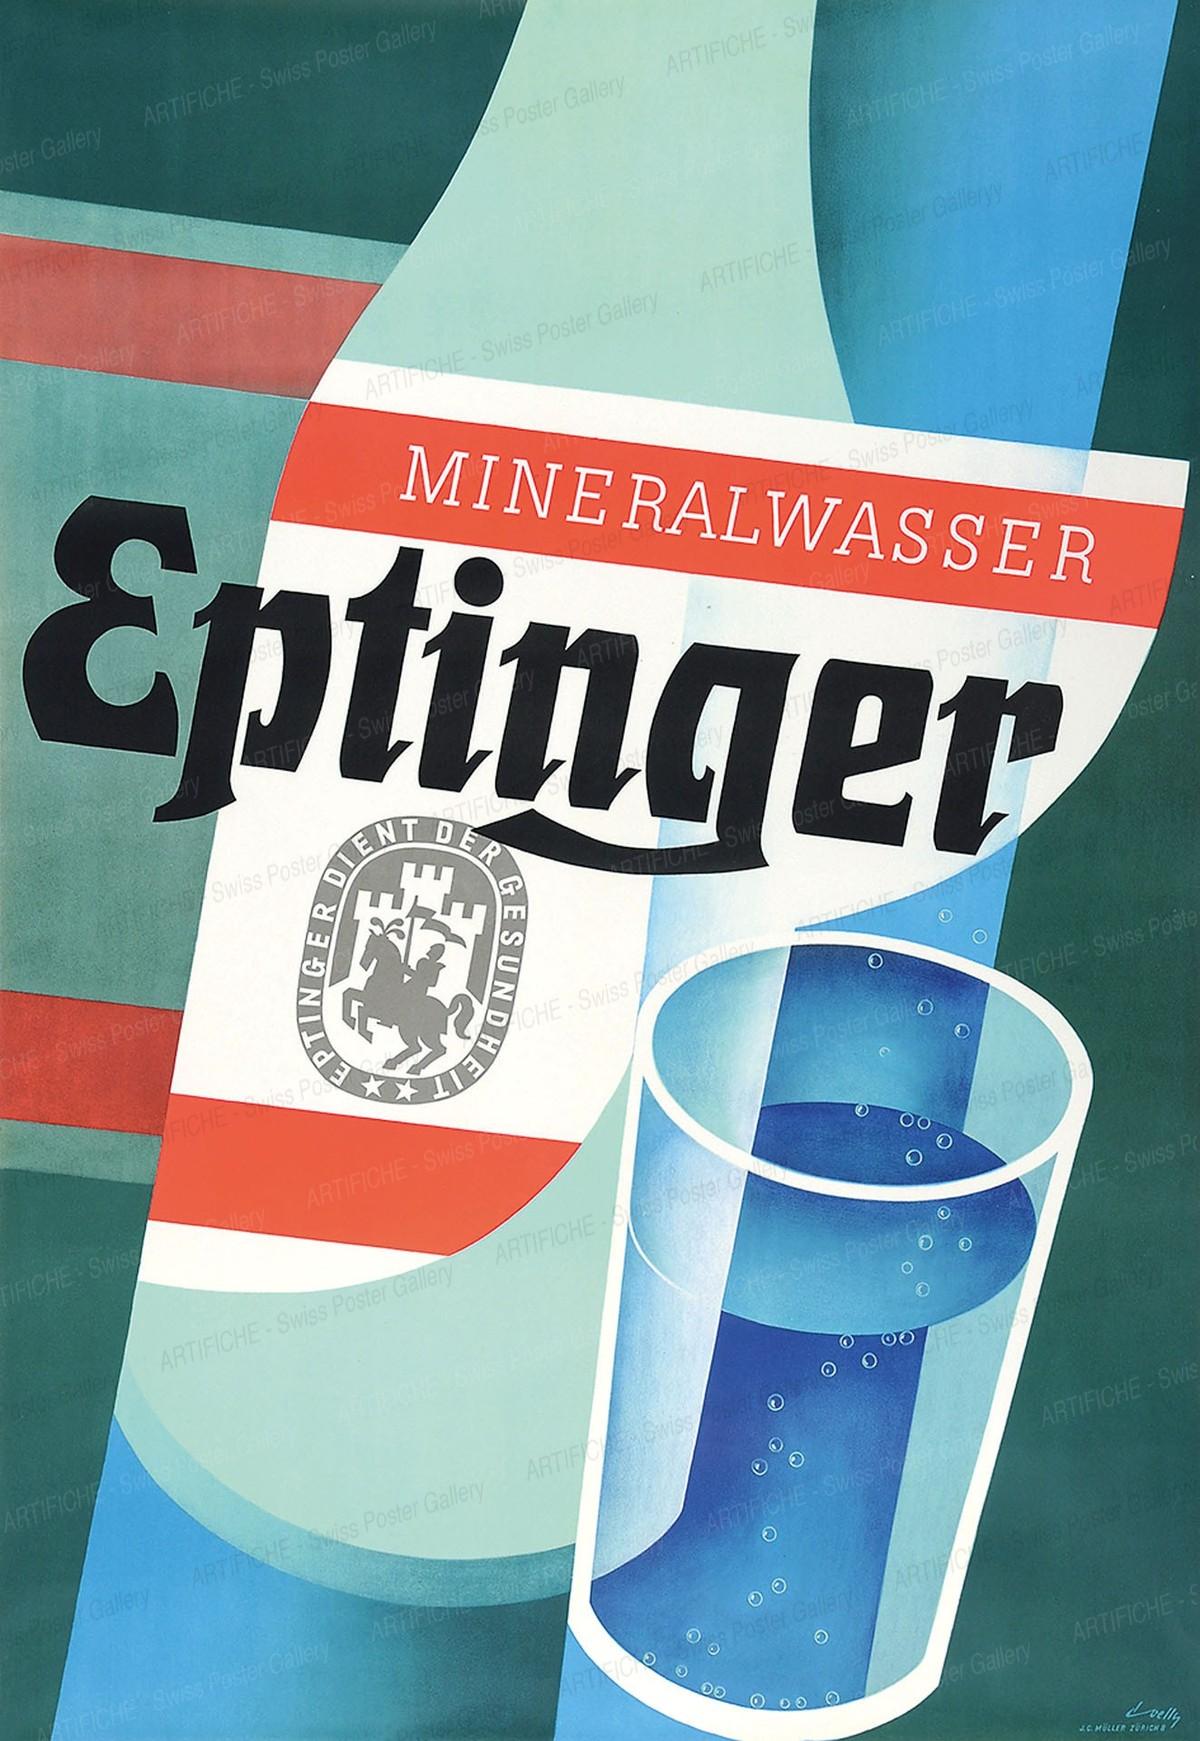 Eptinger Mineral Water, Hermann Alfred Koelliker